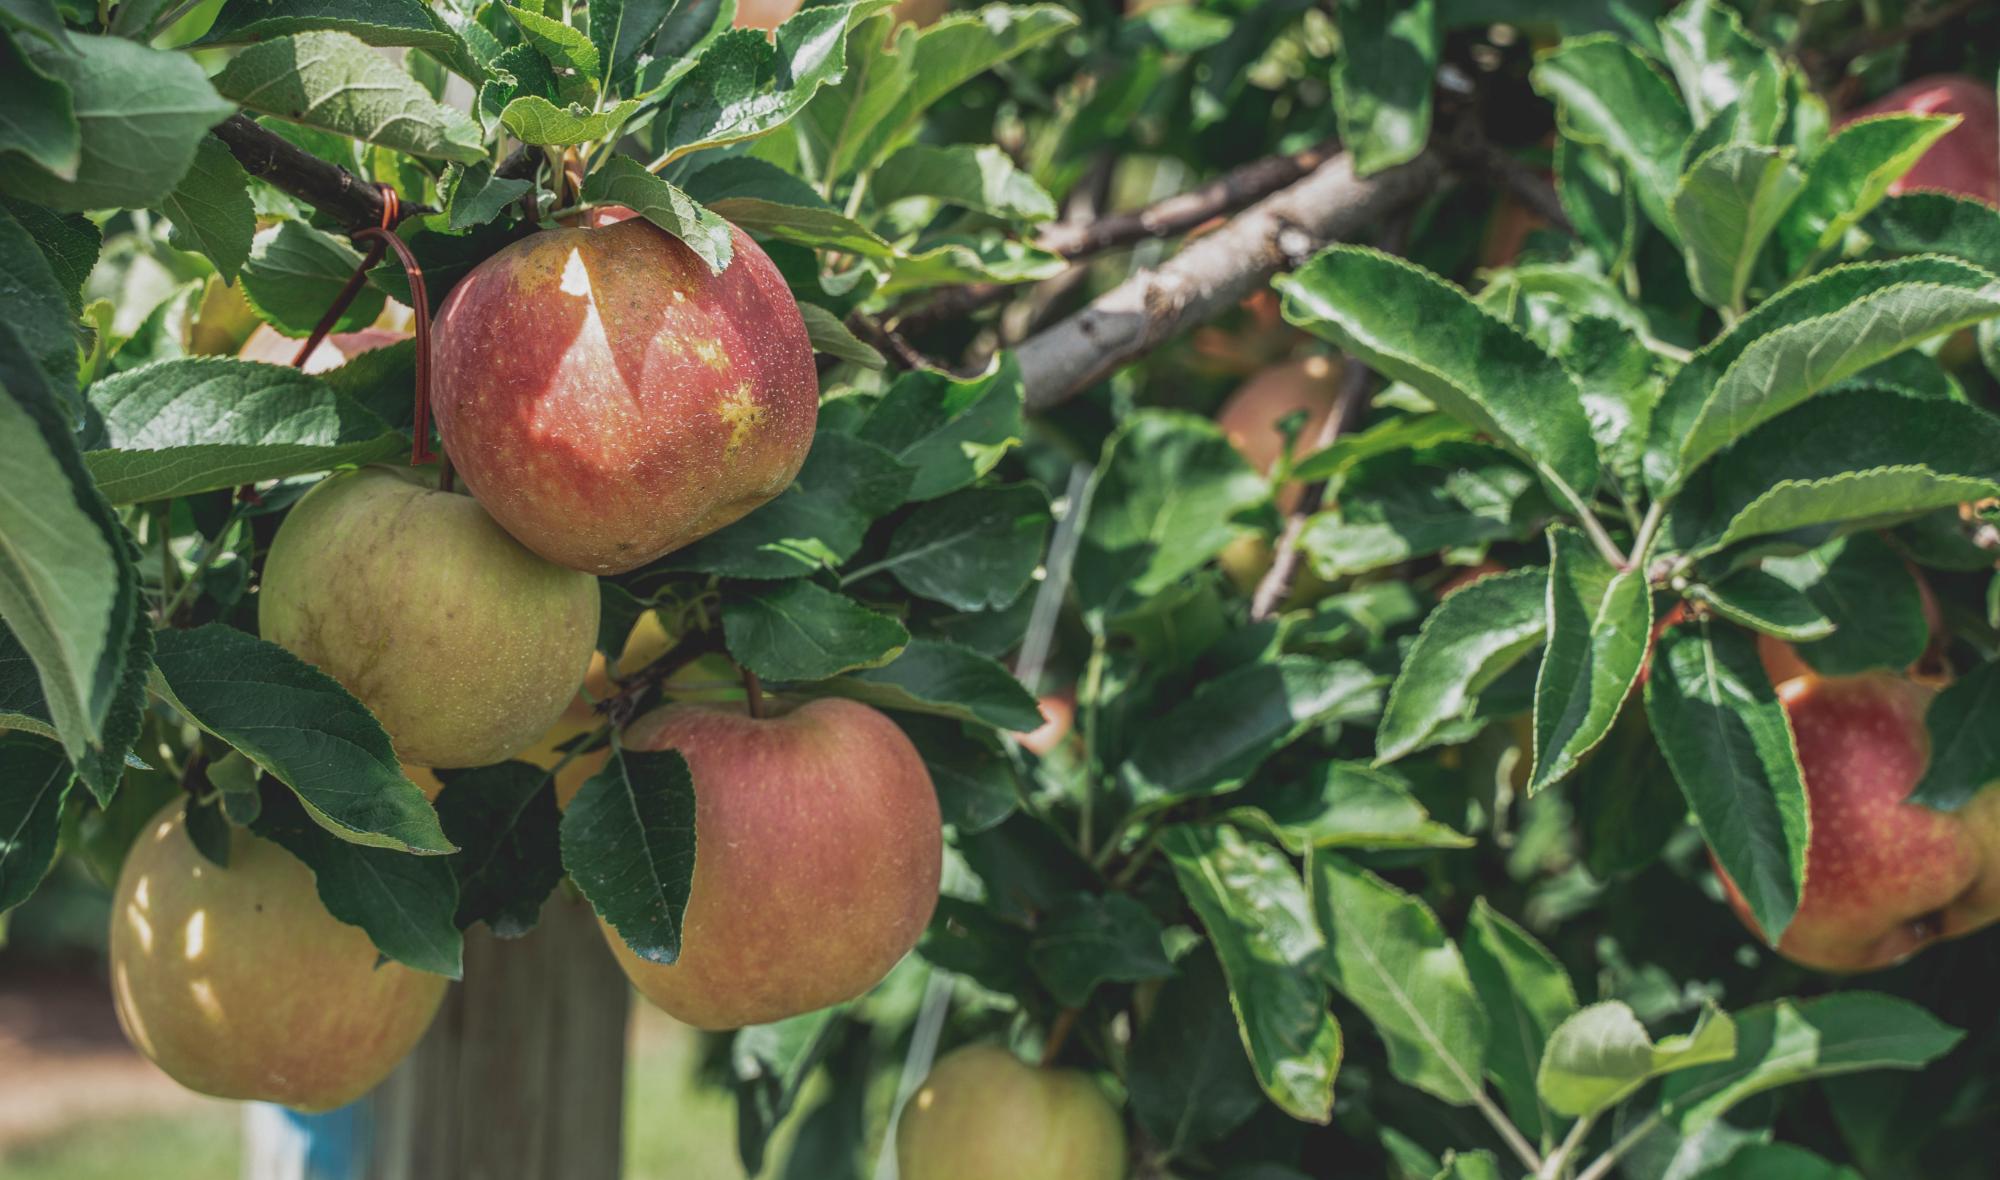 Heb je een appelboom in de tuin staan? Dan is september de perfecte maand om je appels te plukken. In de tuinkalender van deze maand leggen we je uit wanneer en hoe je het beste appels kunt oogsten.